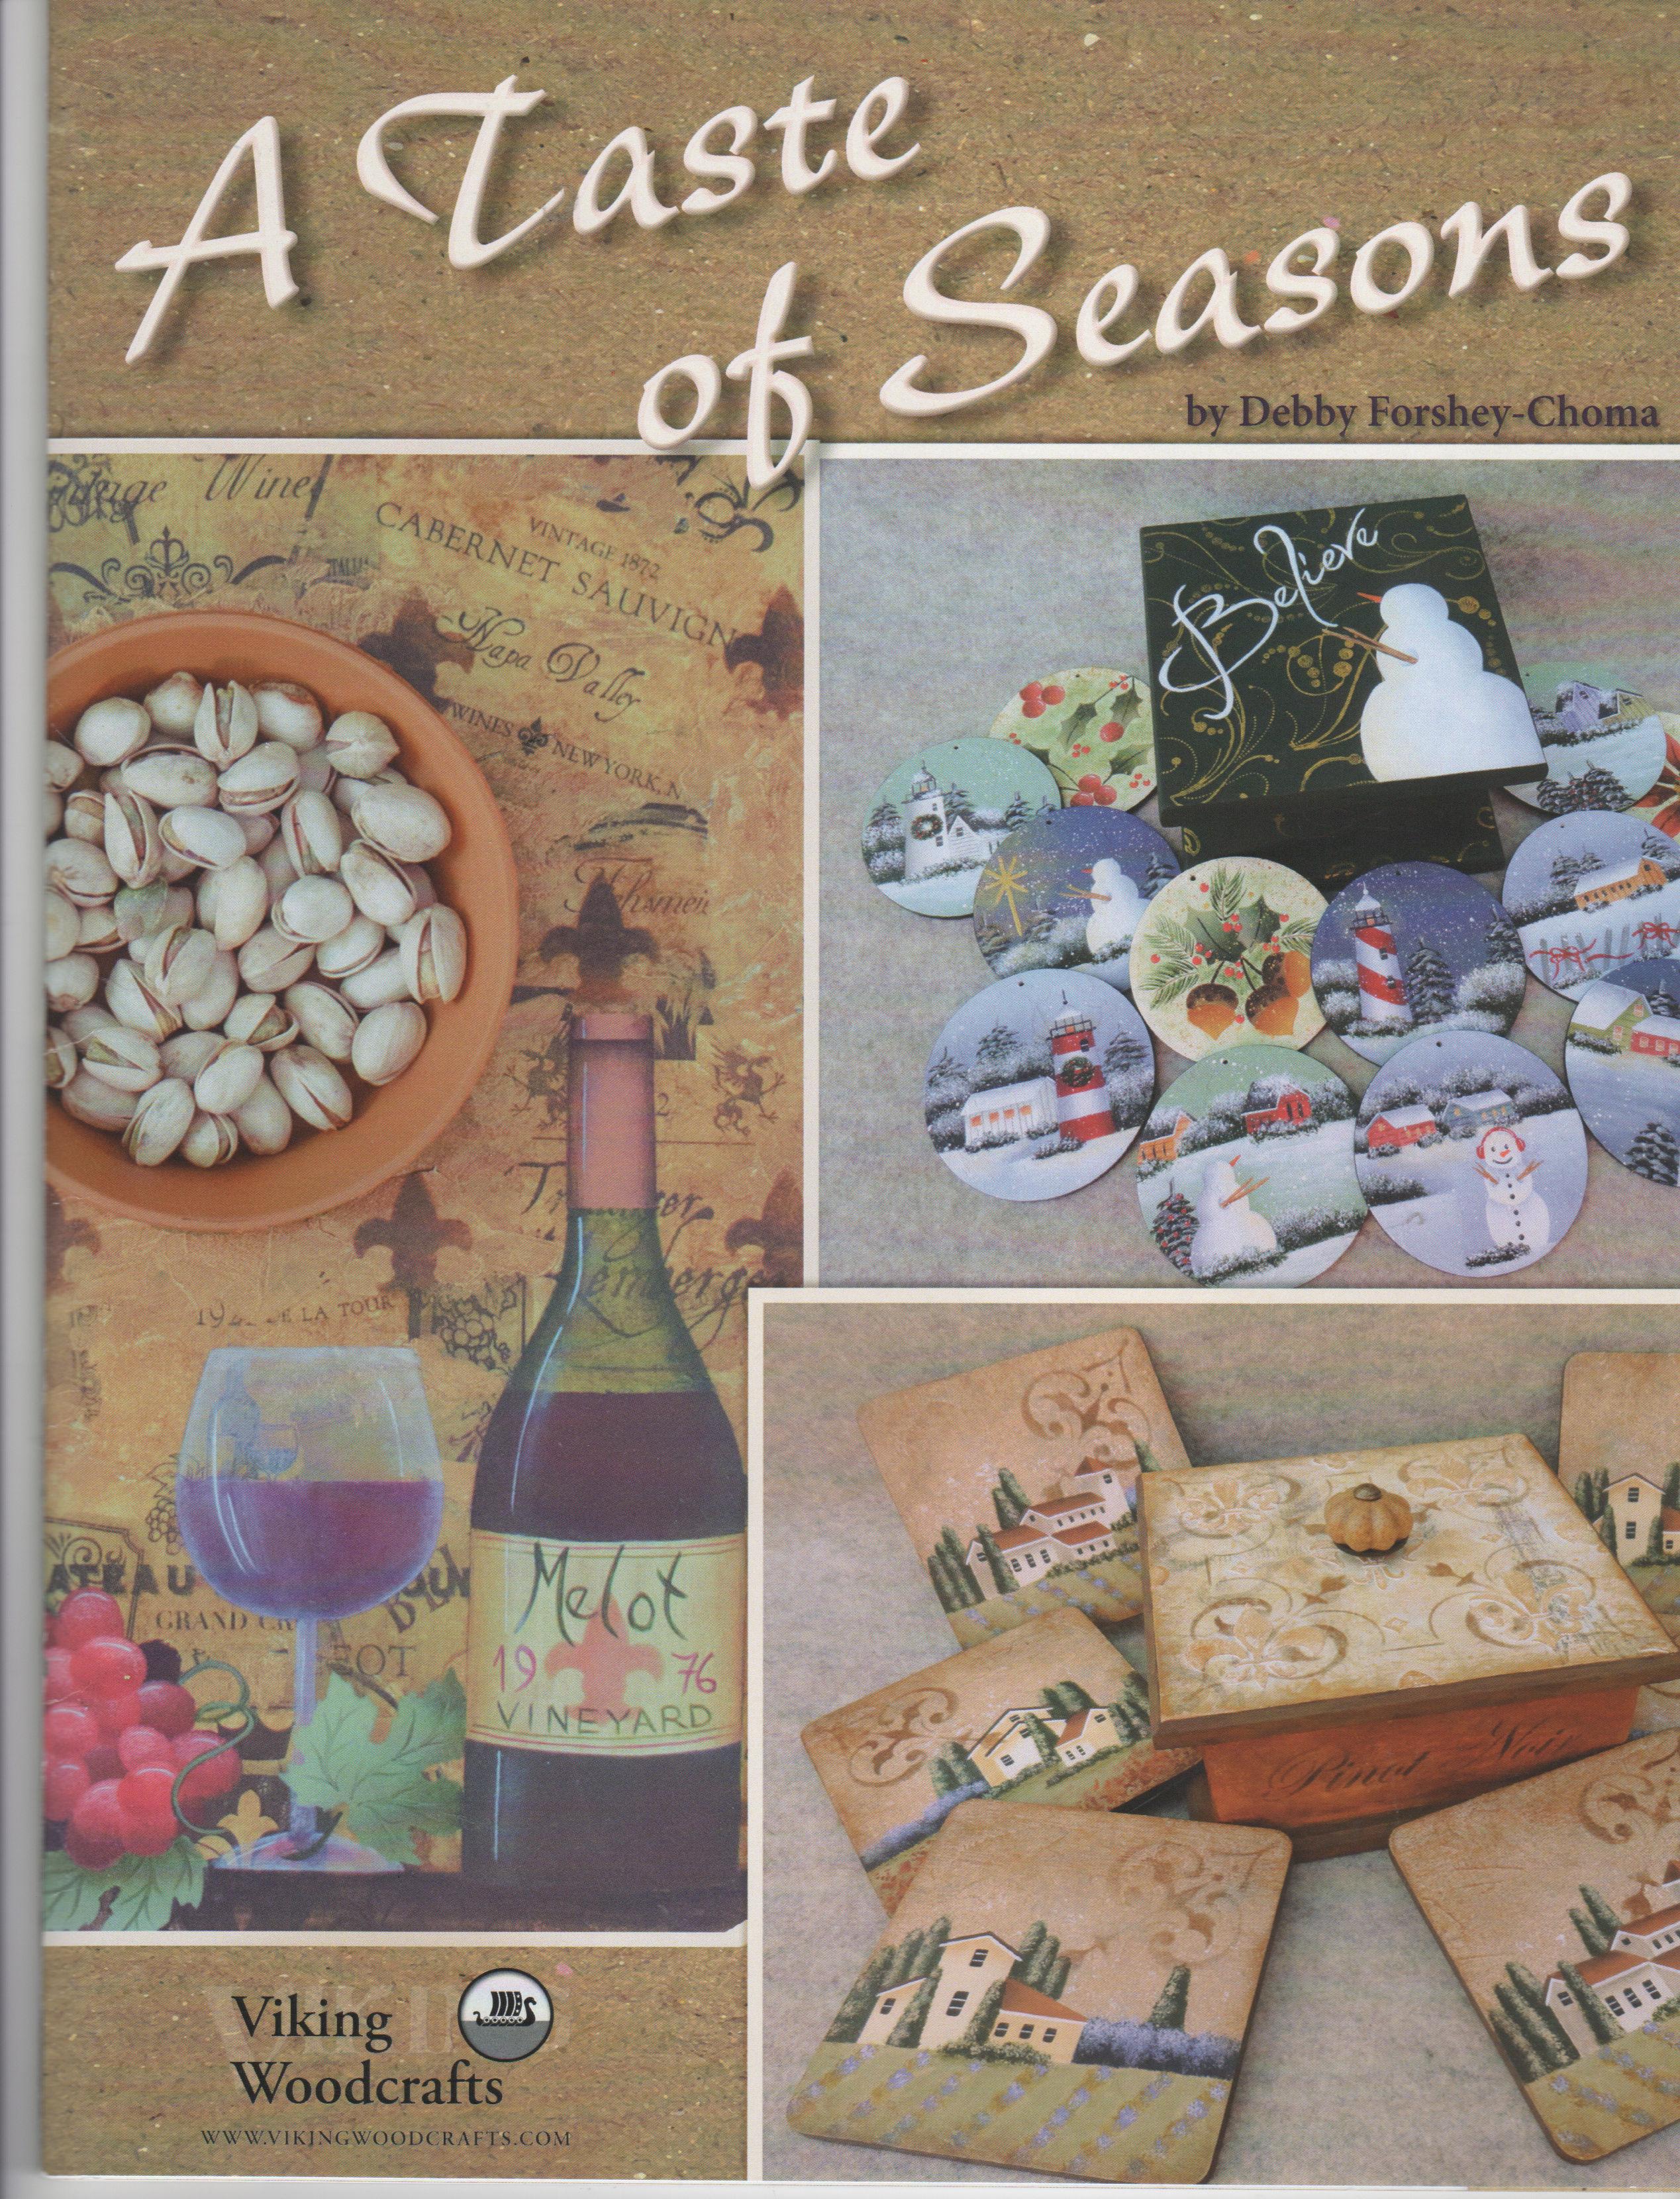 book-dfc-a-taste-of-seasons2802320076.jpg